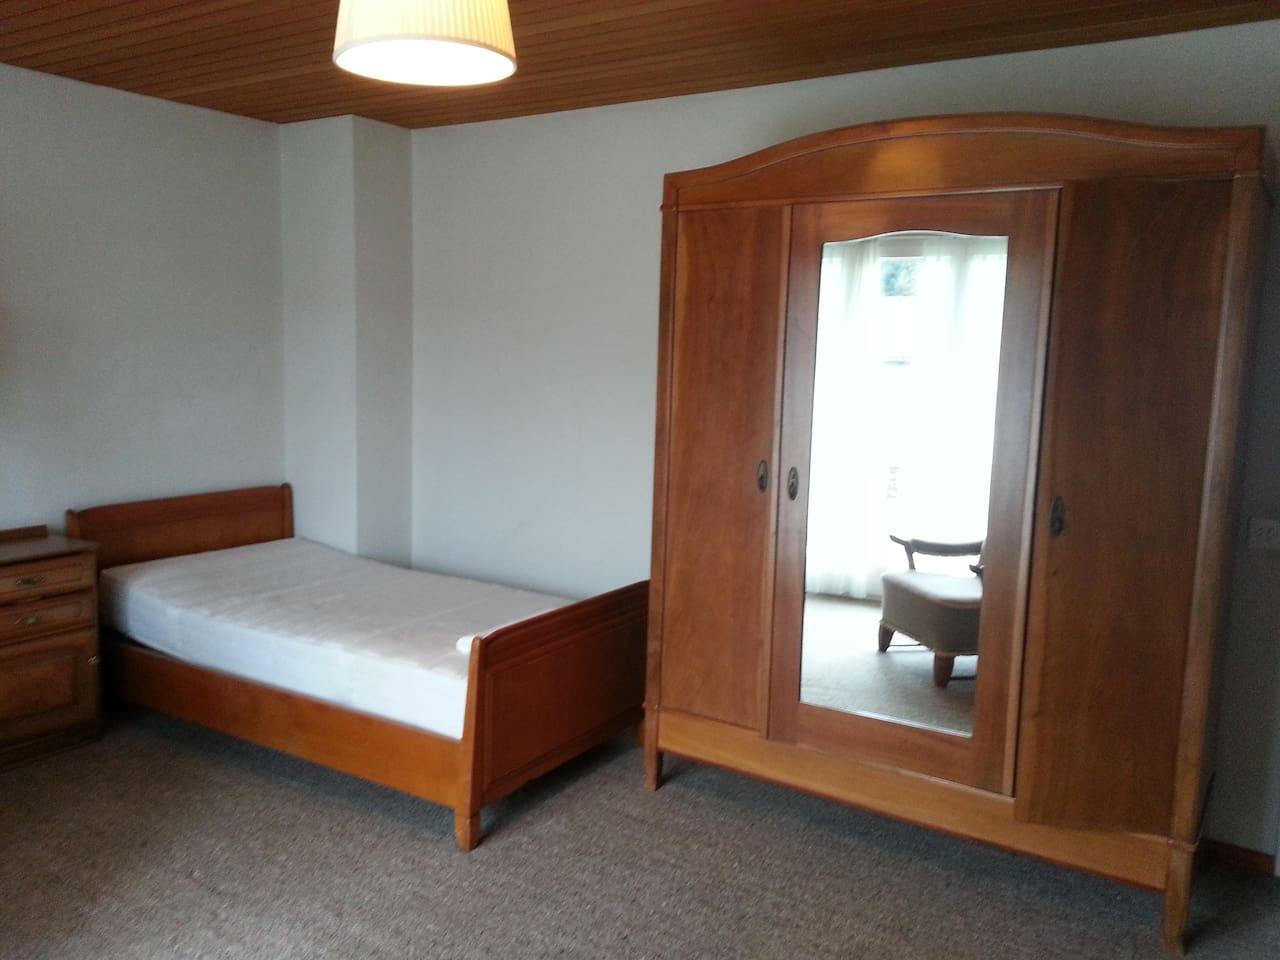 Stilvoll eingerichtetes Zimmer